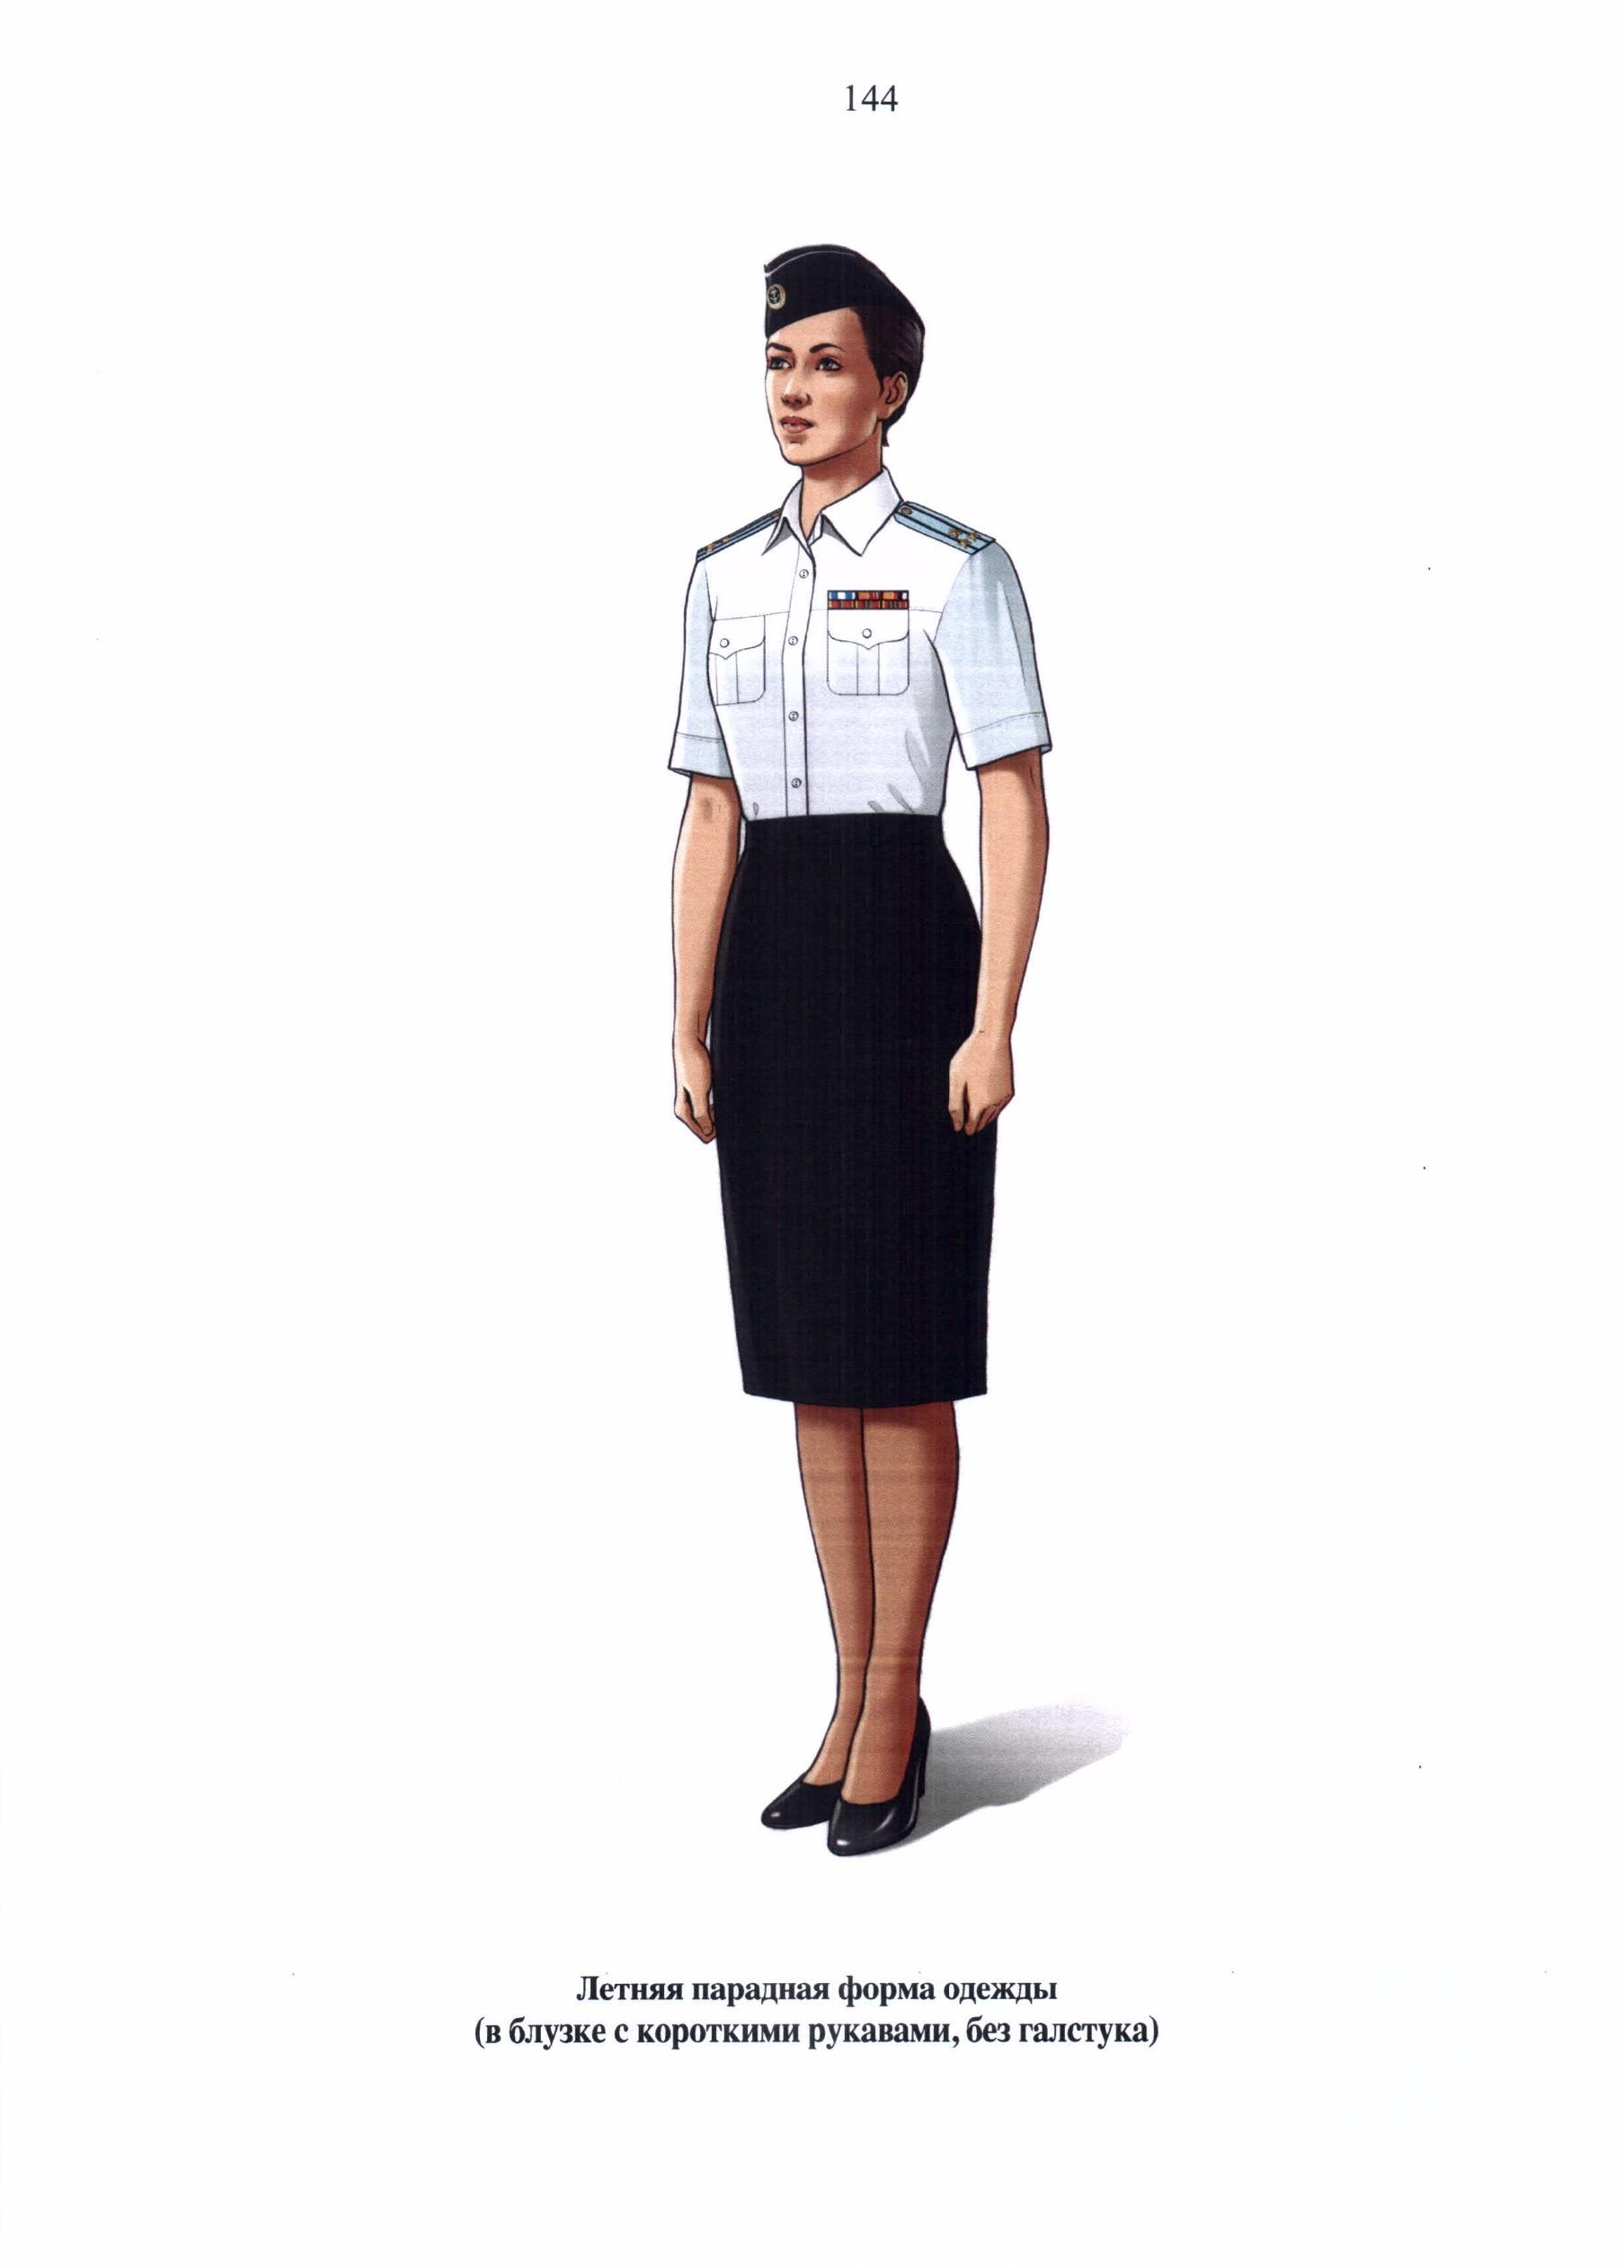 C:\Users\User\Desktop\Приказ МО РФ от 22.06.2015 г. № 300 Правила ношения военной формы одежды\181223.JPG